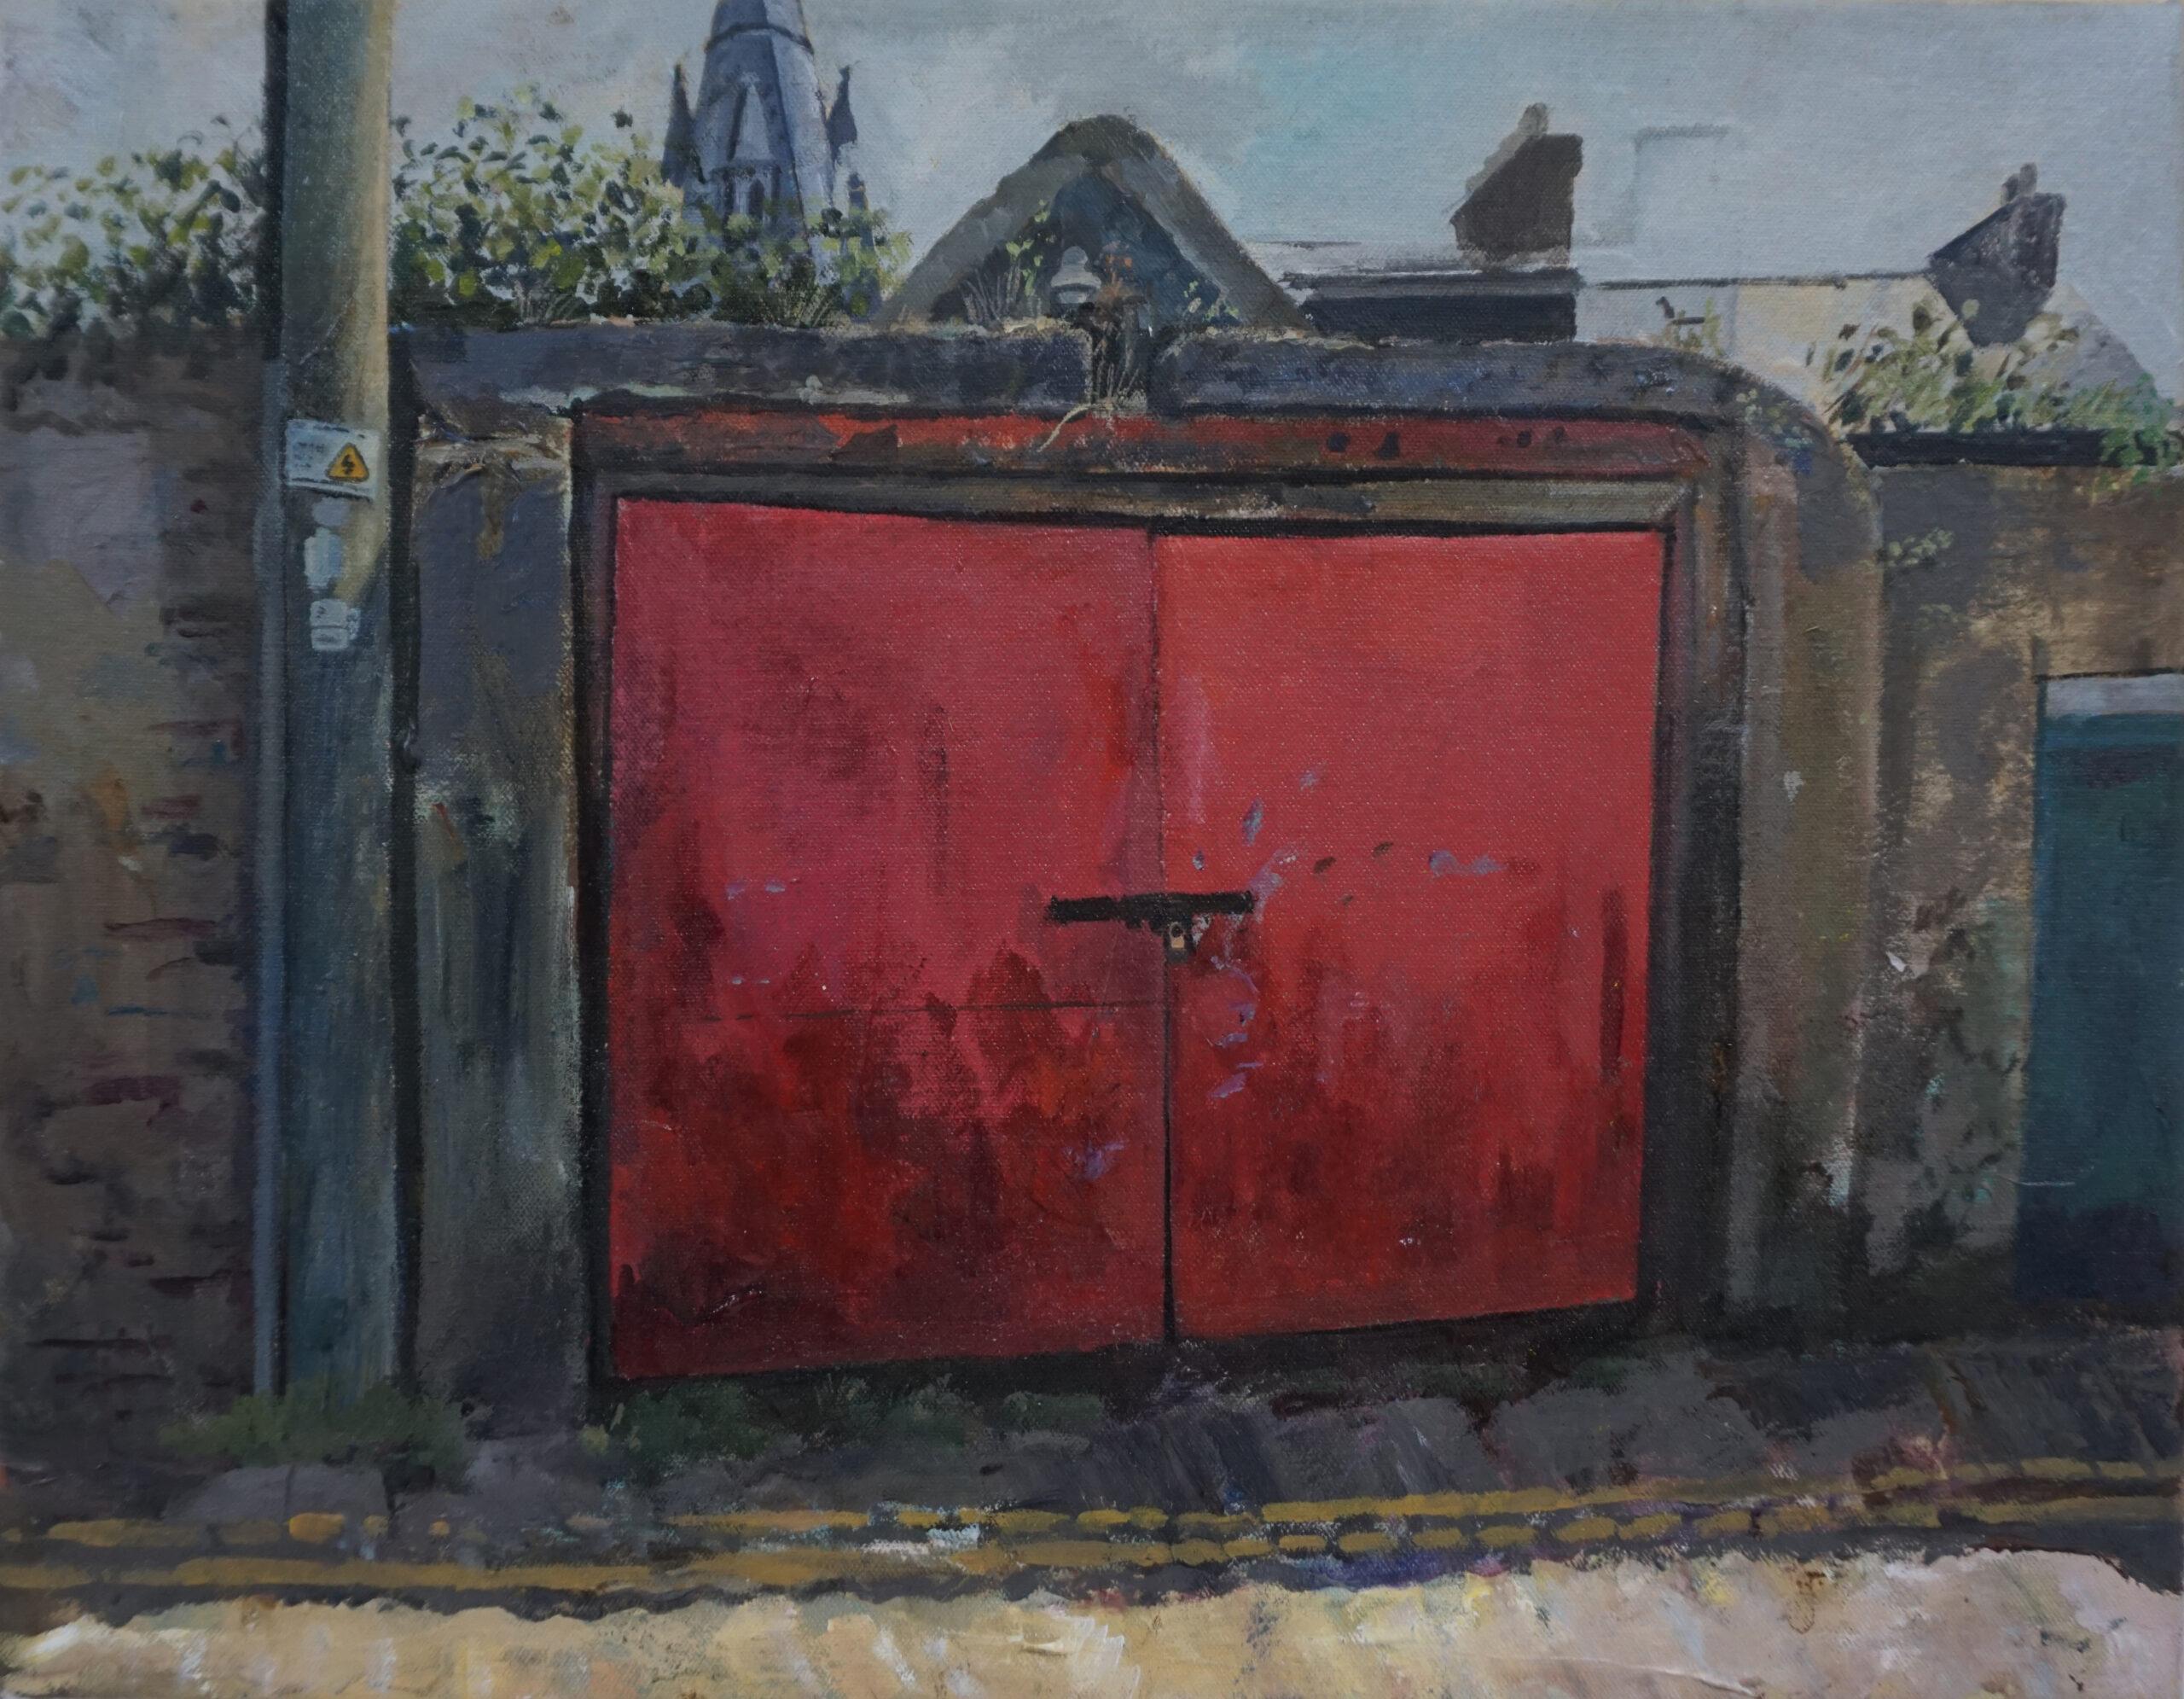 paul-mc-kenna-garage-st.lukes-ave-acrylic-on-canvas-35x45cm